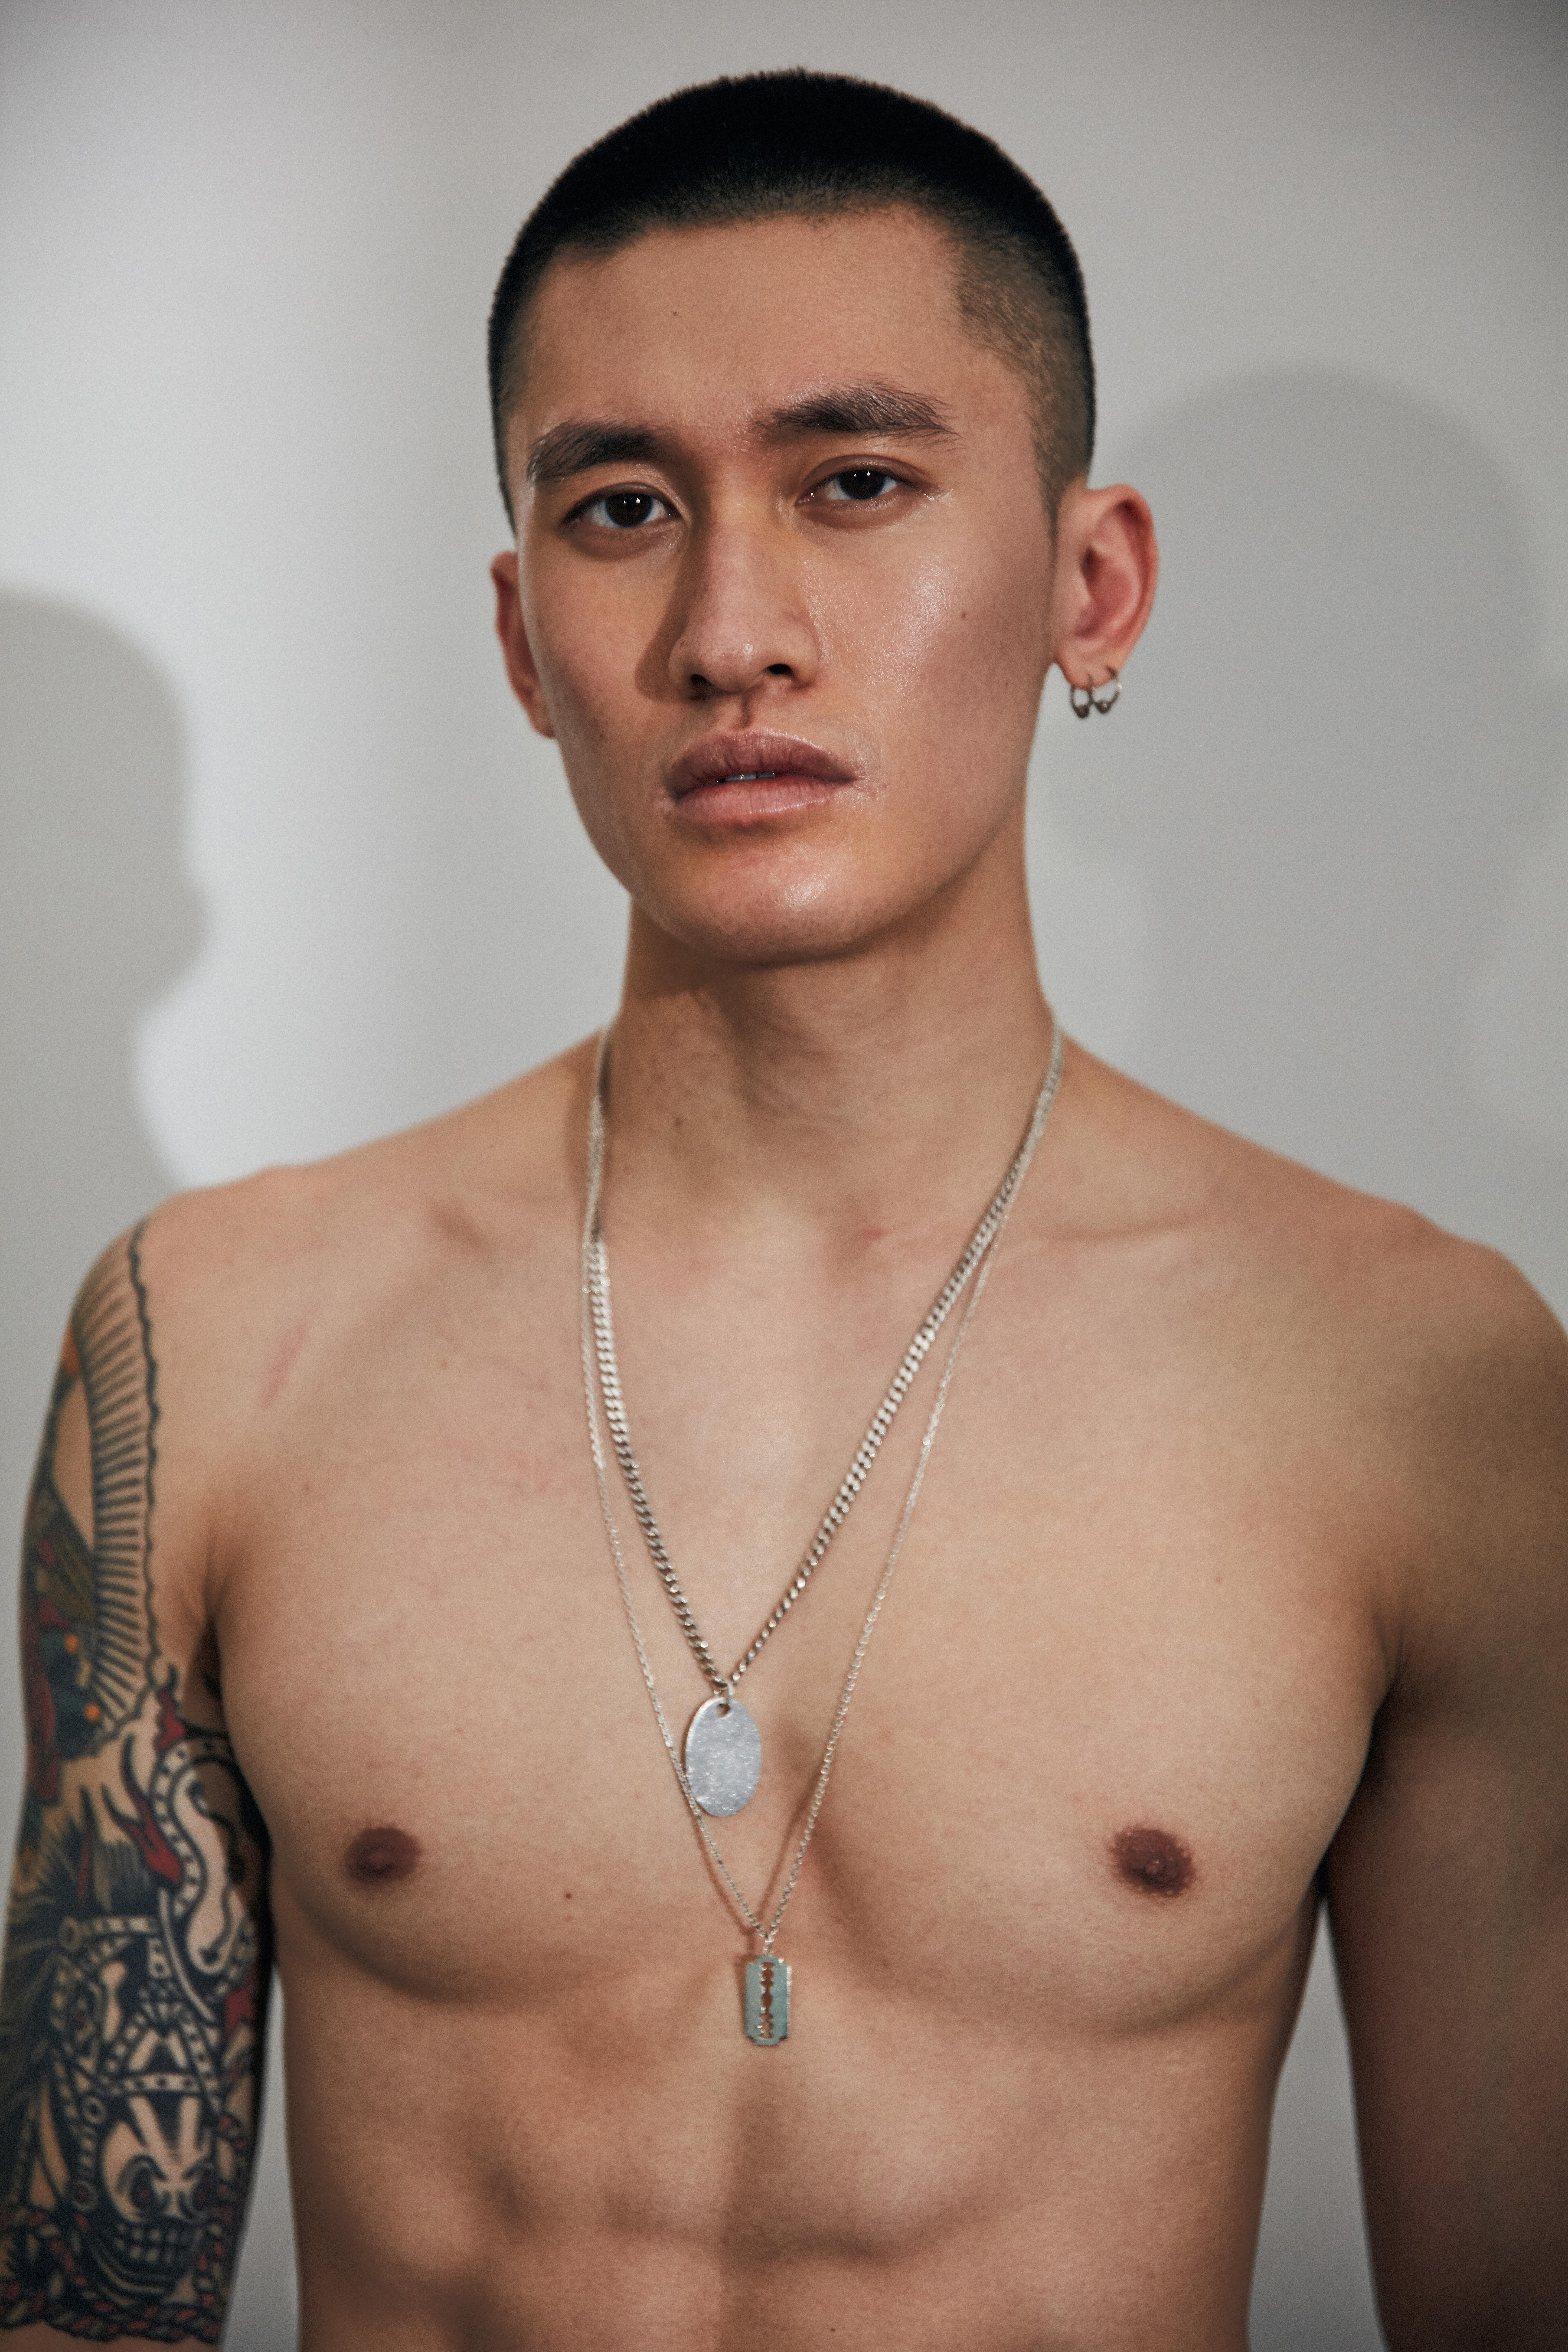 Wilson Ching